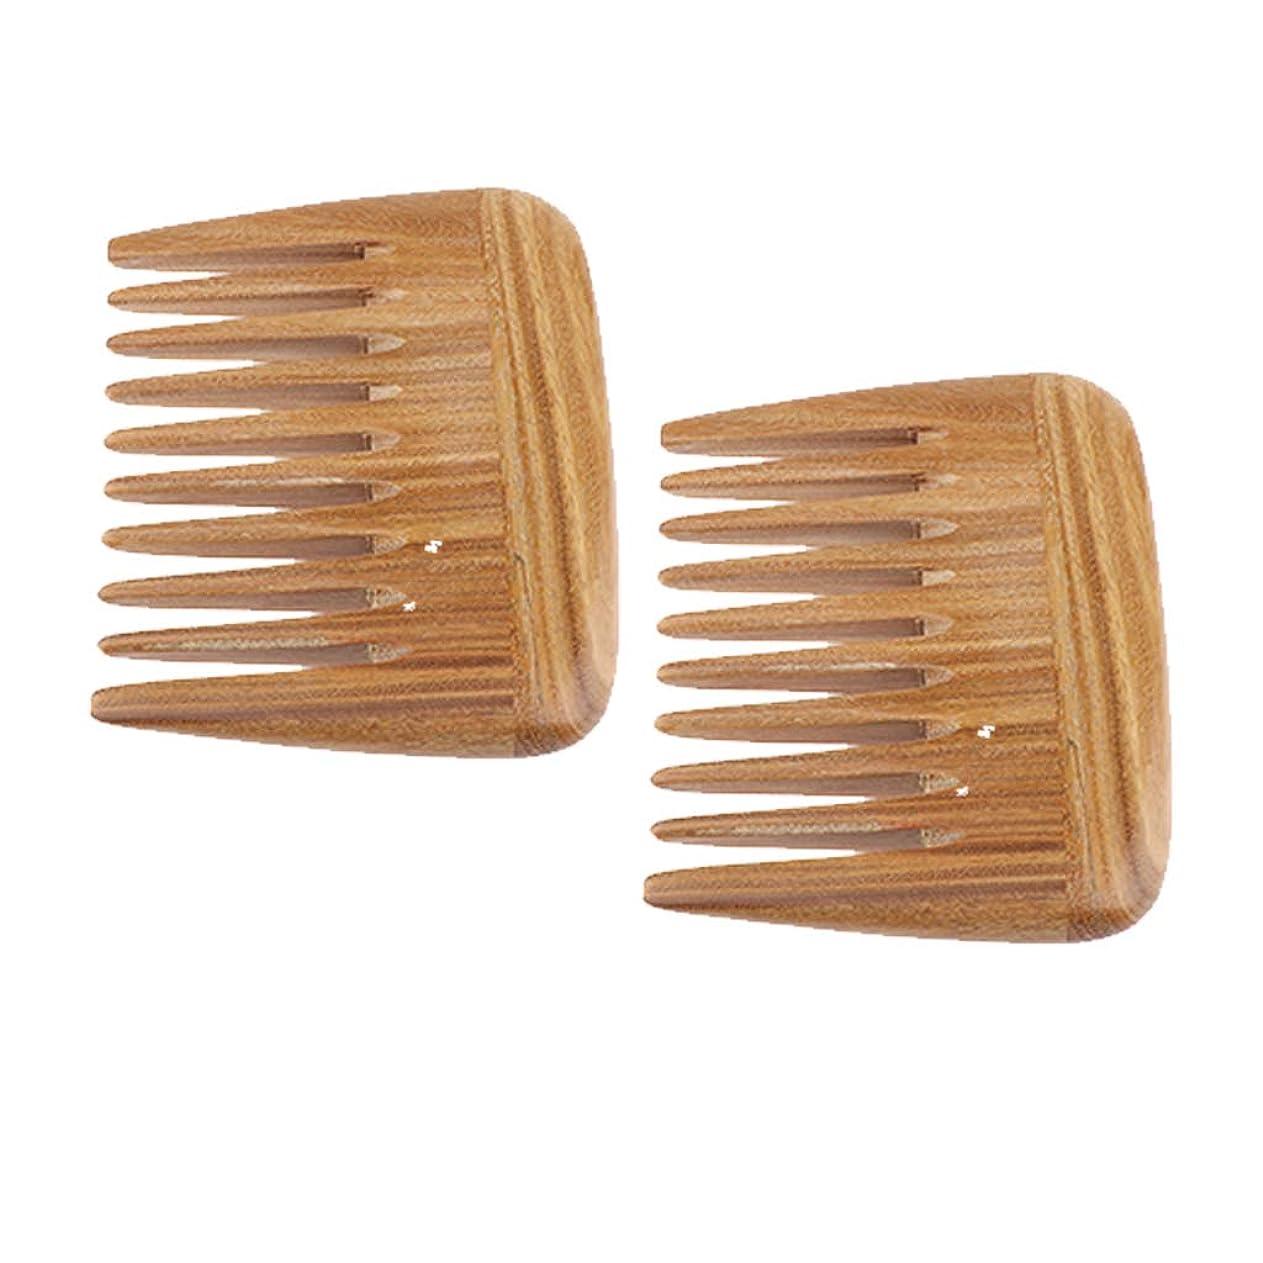 結核反発する勝利したB Baosity 2個 静電気防止櫛 ポケット 広い歯 ヘアコーム 木製櫛 プレゼント